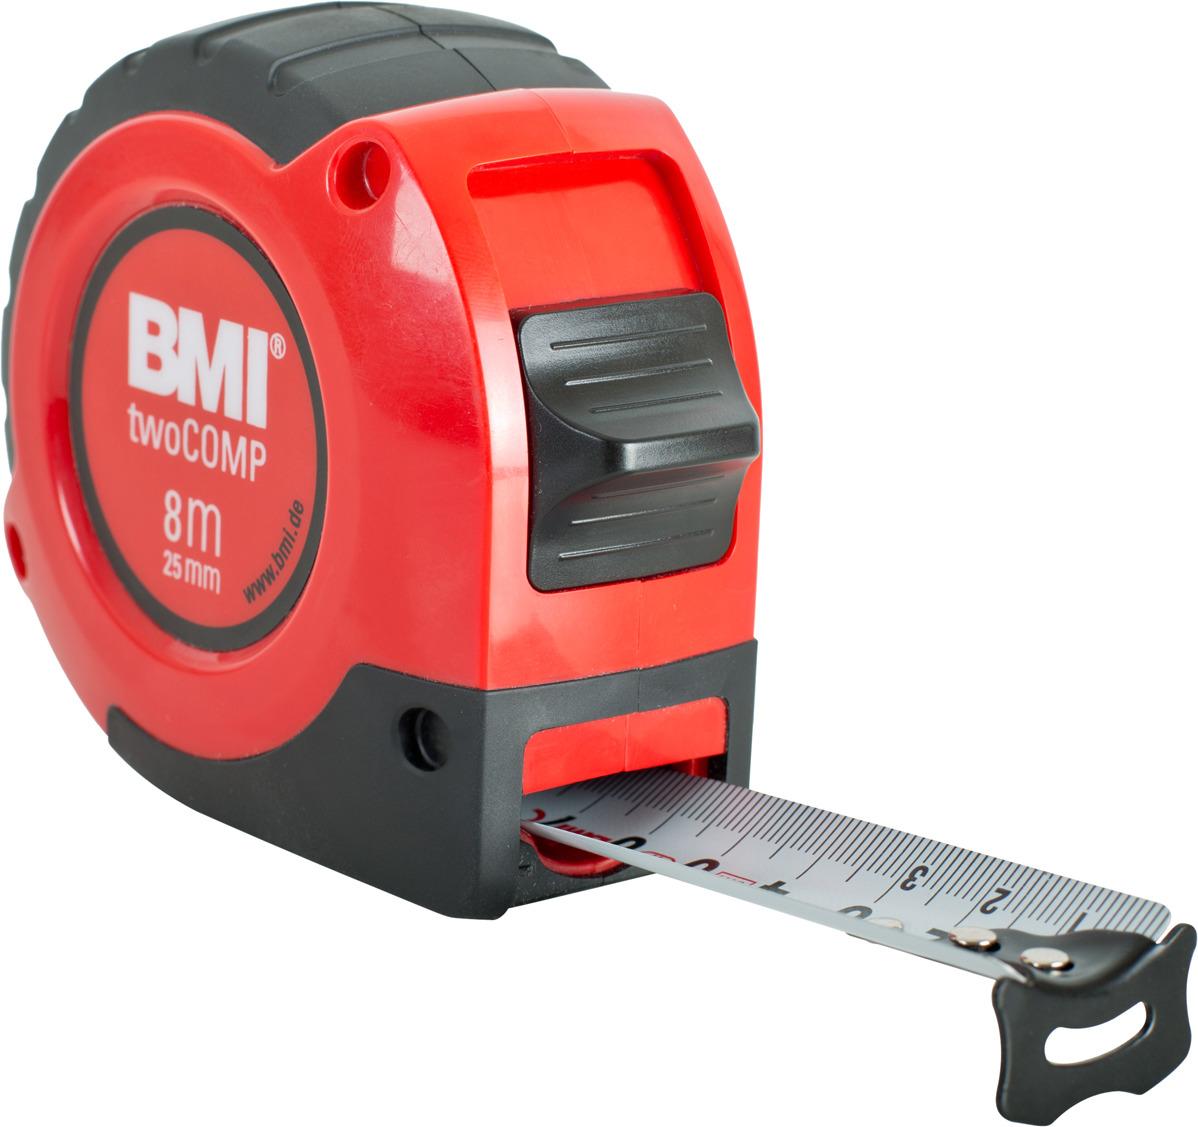 Измерительная рулетка BMI Twocomp, 472841021, 8 м